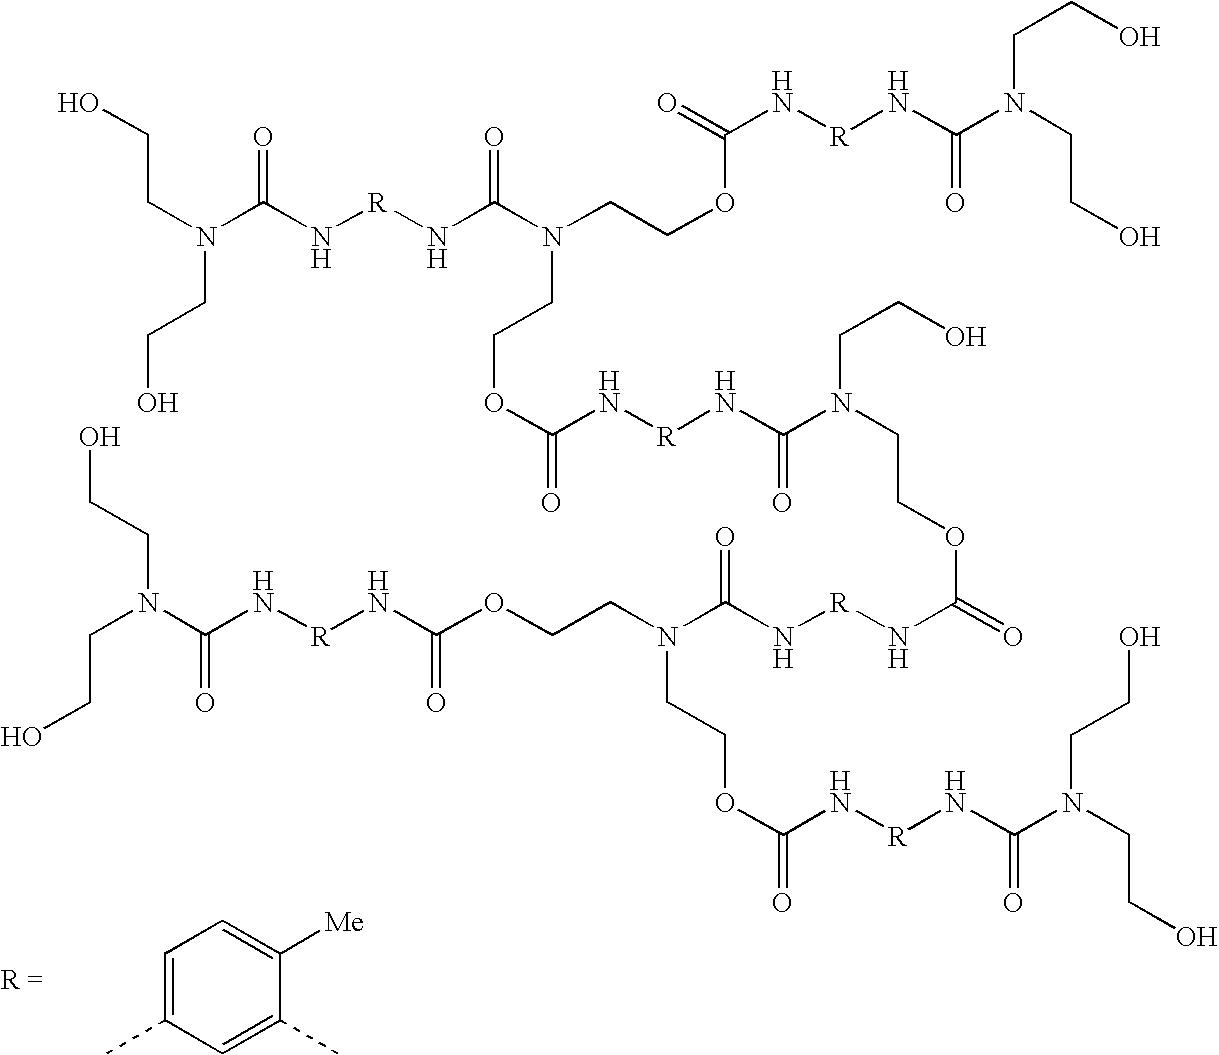 Figure US07507773-20090324-C00007